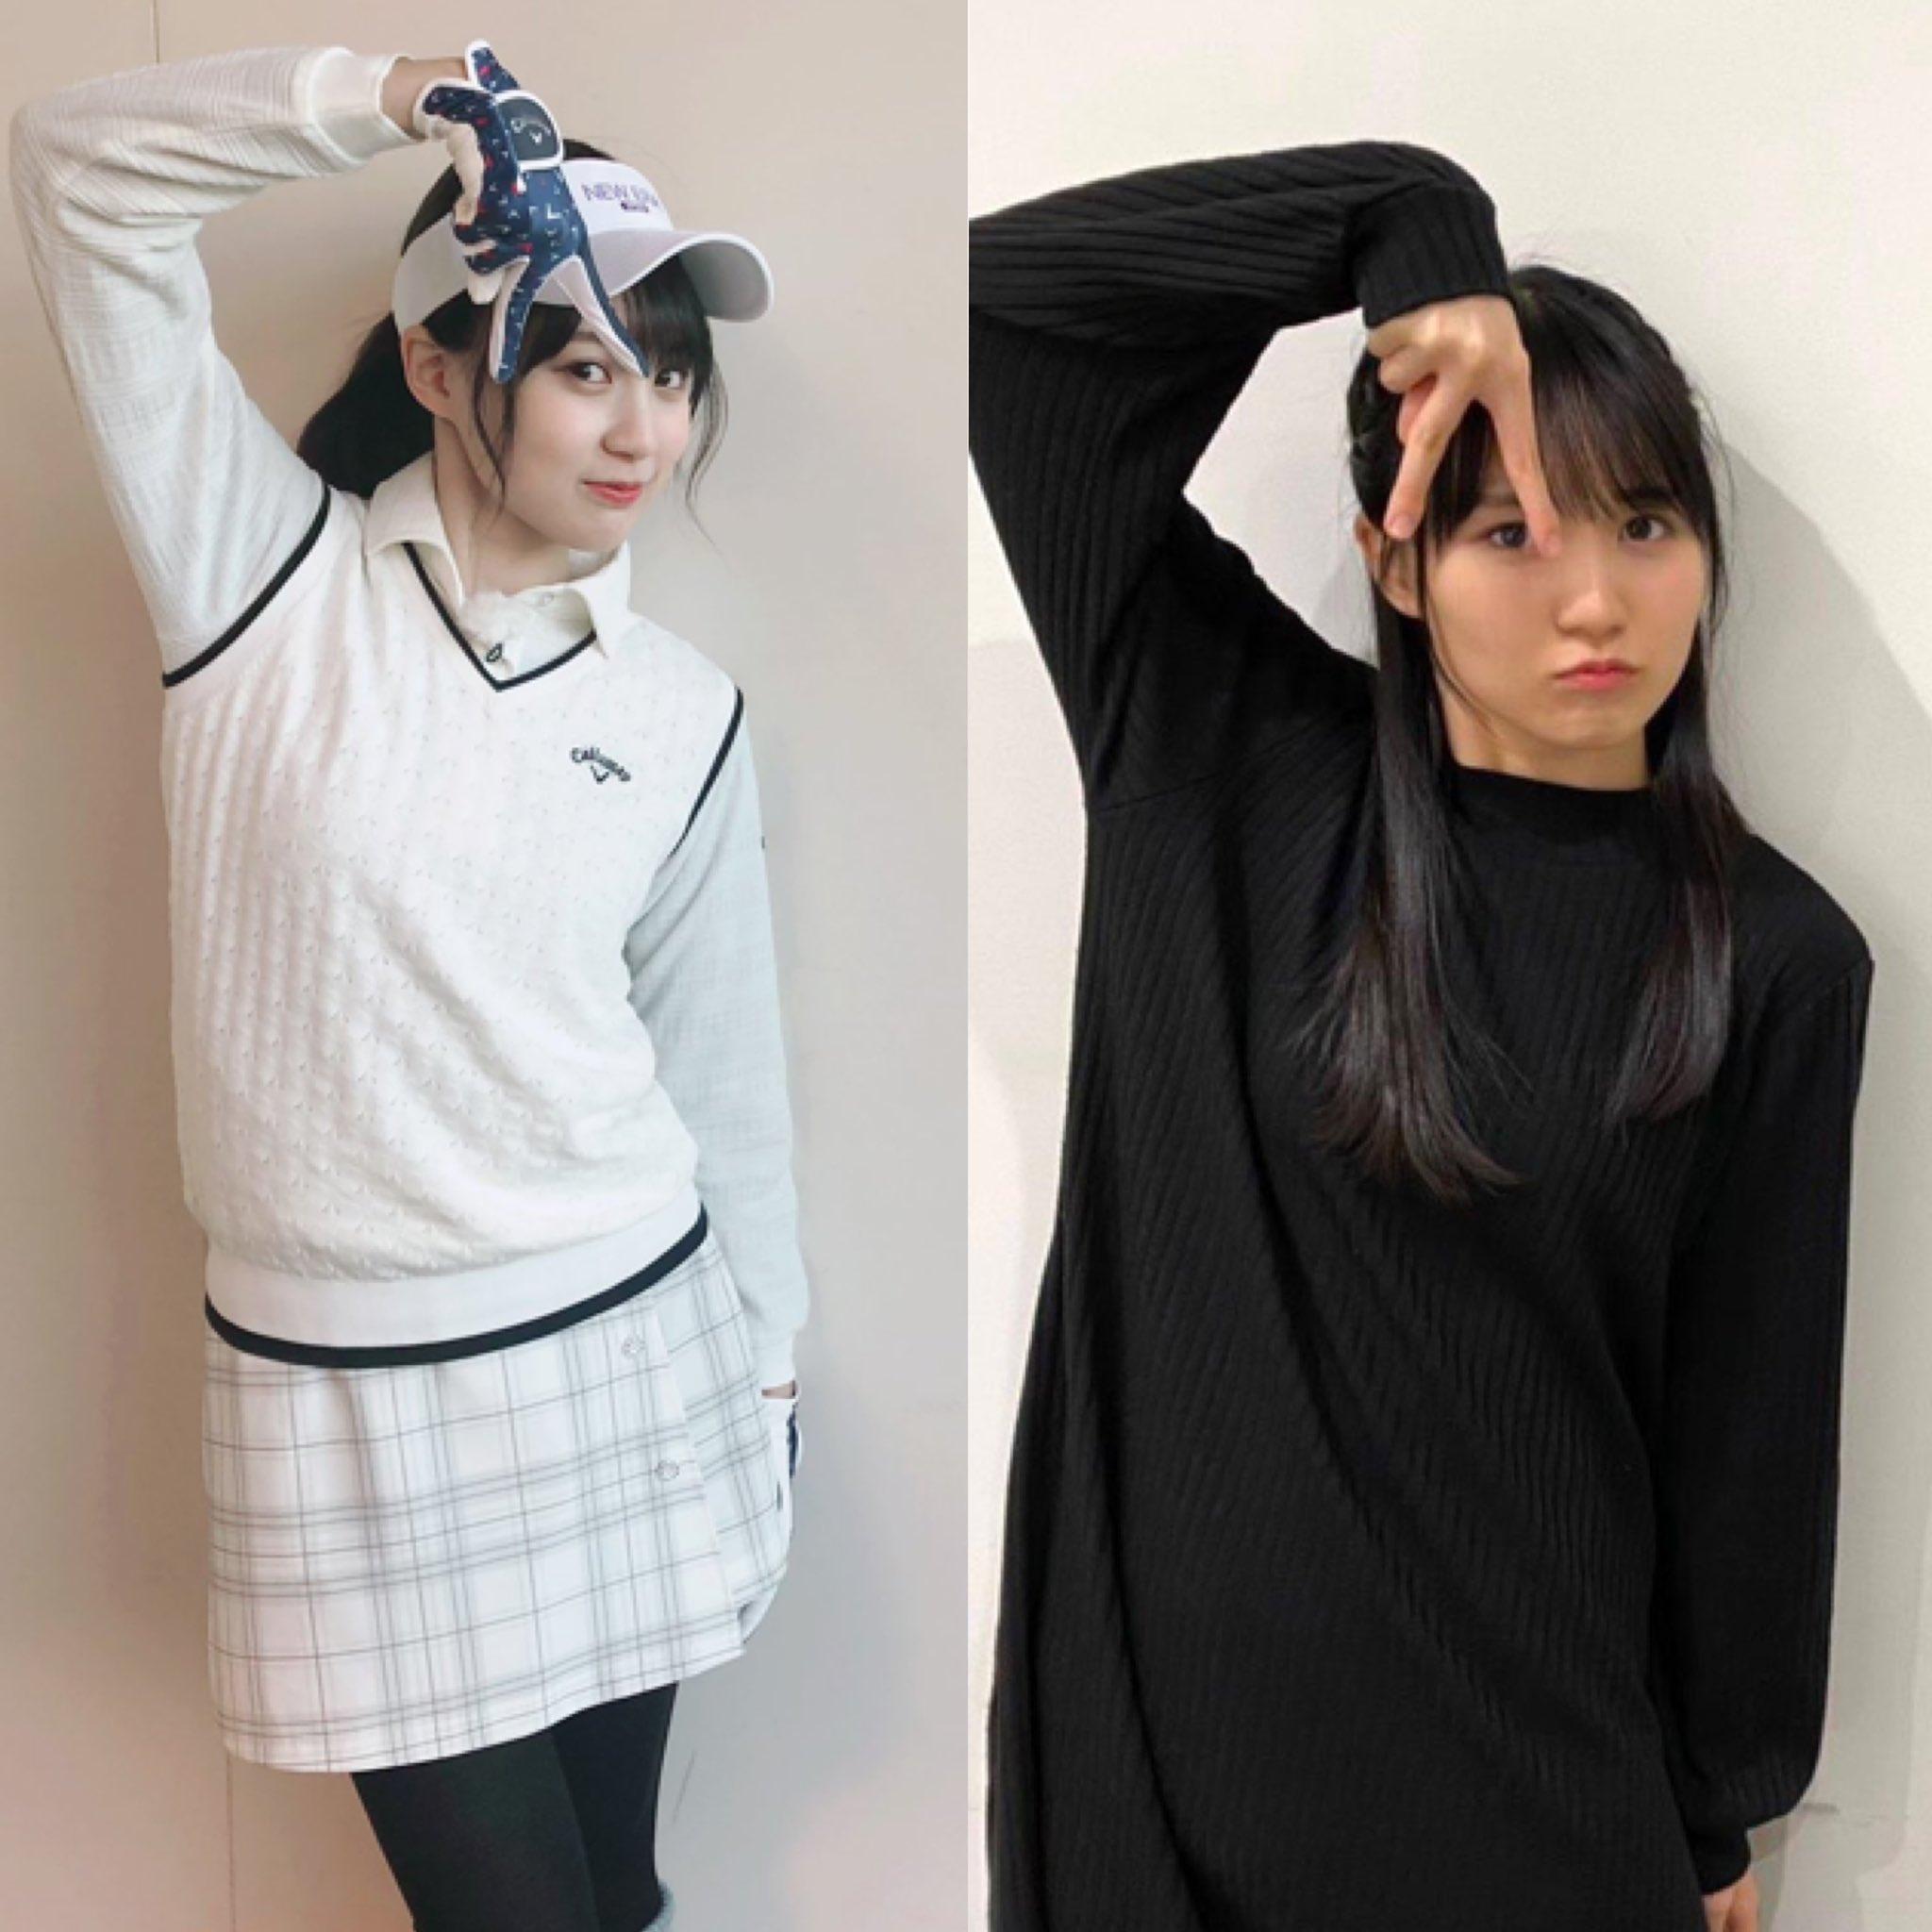 賀喜遥香(かきはるか)と小島健の匂わせその④:Aぇ!ポーズ